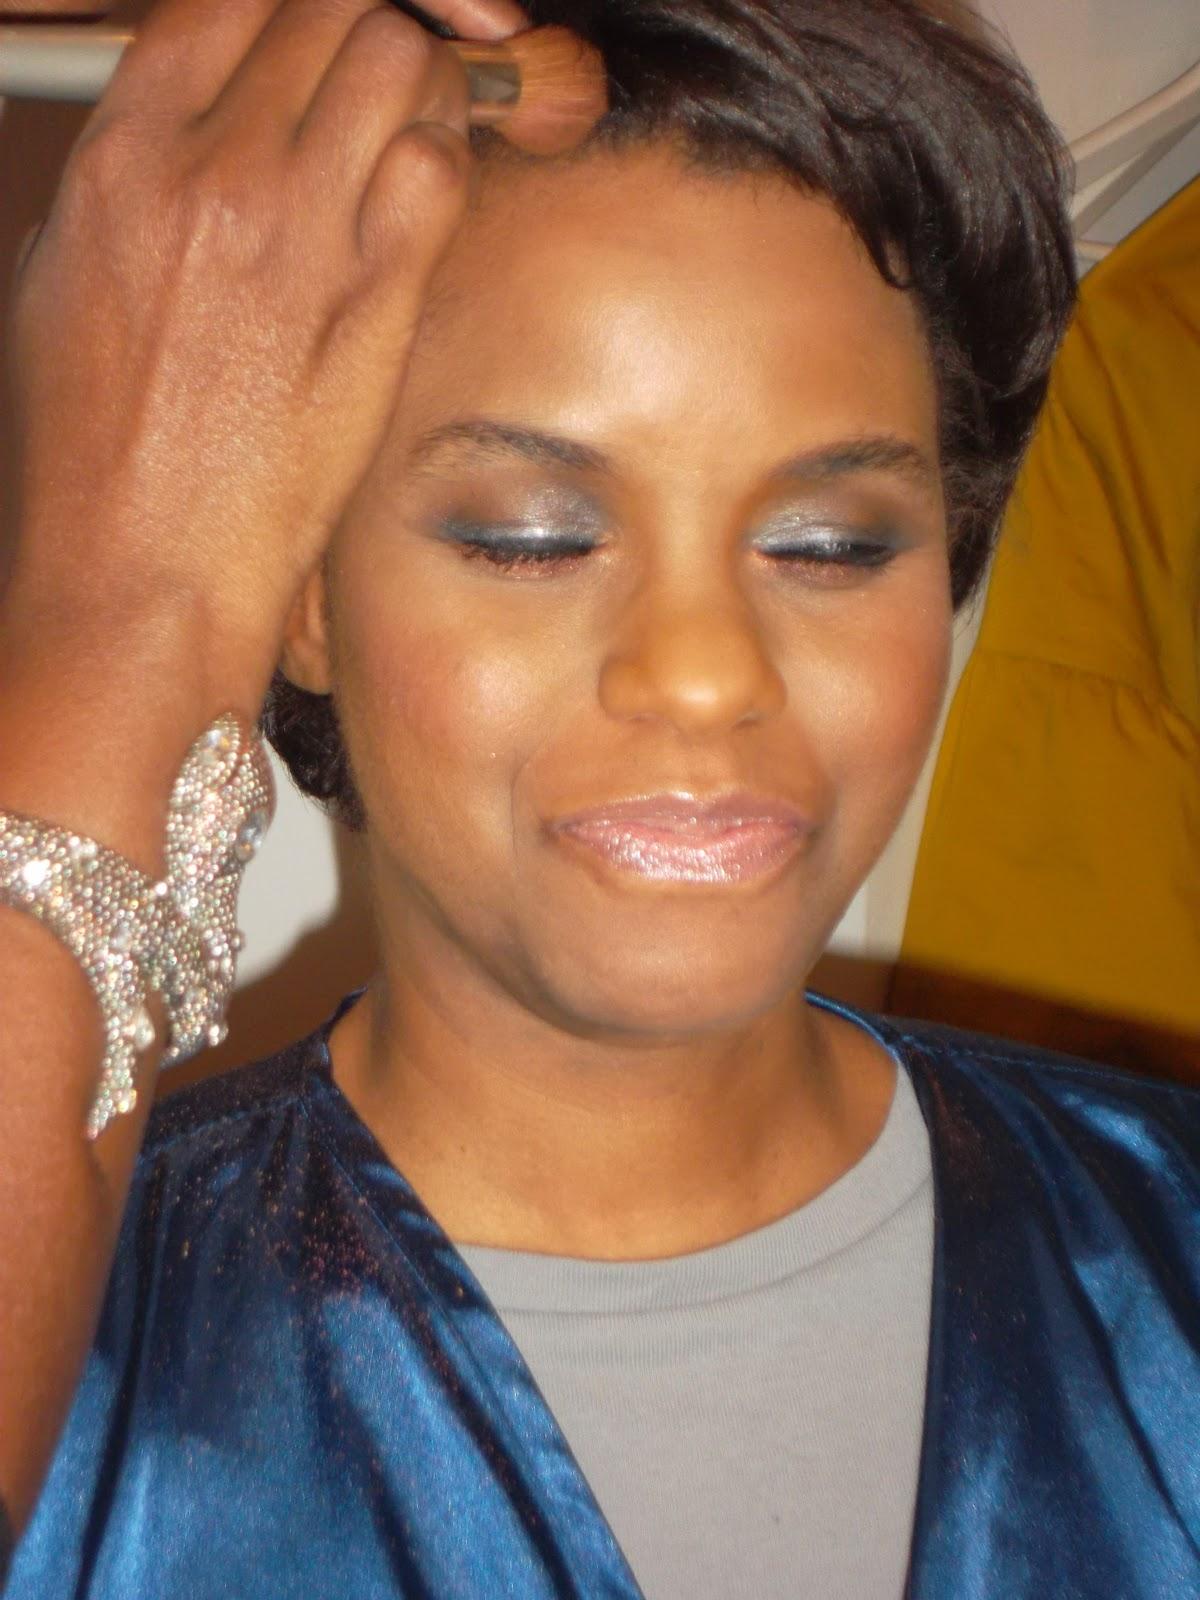 http://4.bp.blogspot.com/-HZ0WDjXfoEg/TsG9ibIA7hI/AAAAAAAAJkY/iiMaZ7NM_KQ/s1600/SAM_1023.JPG